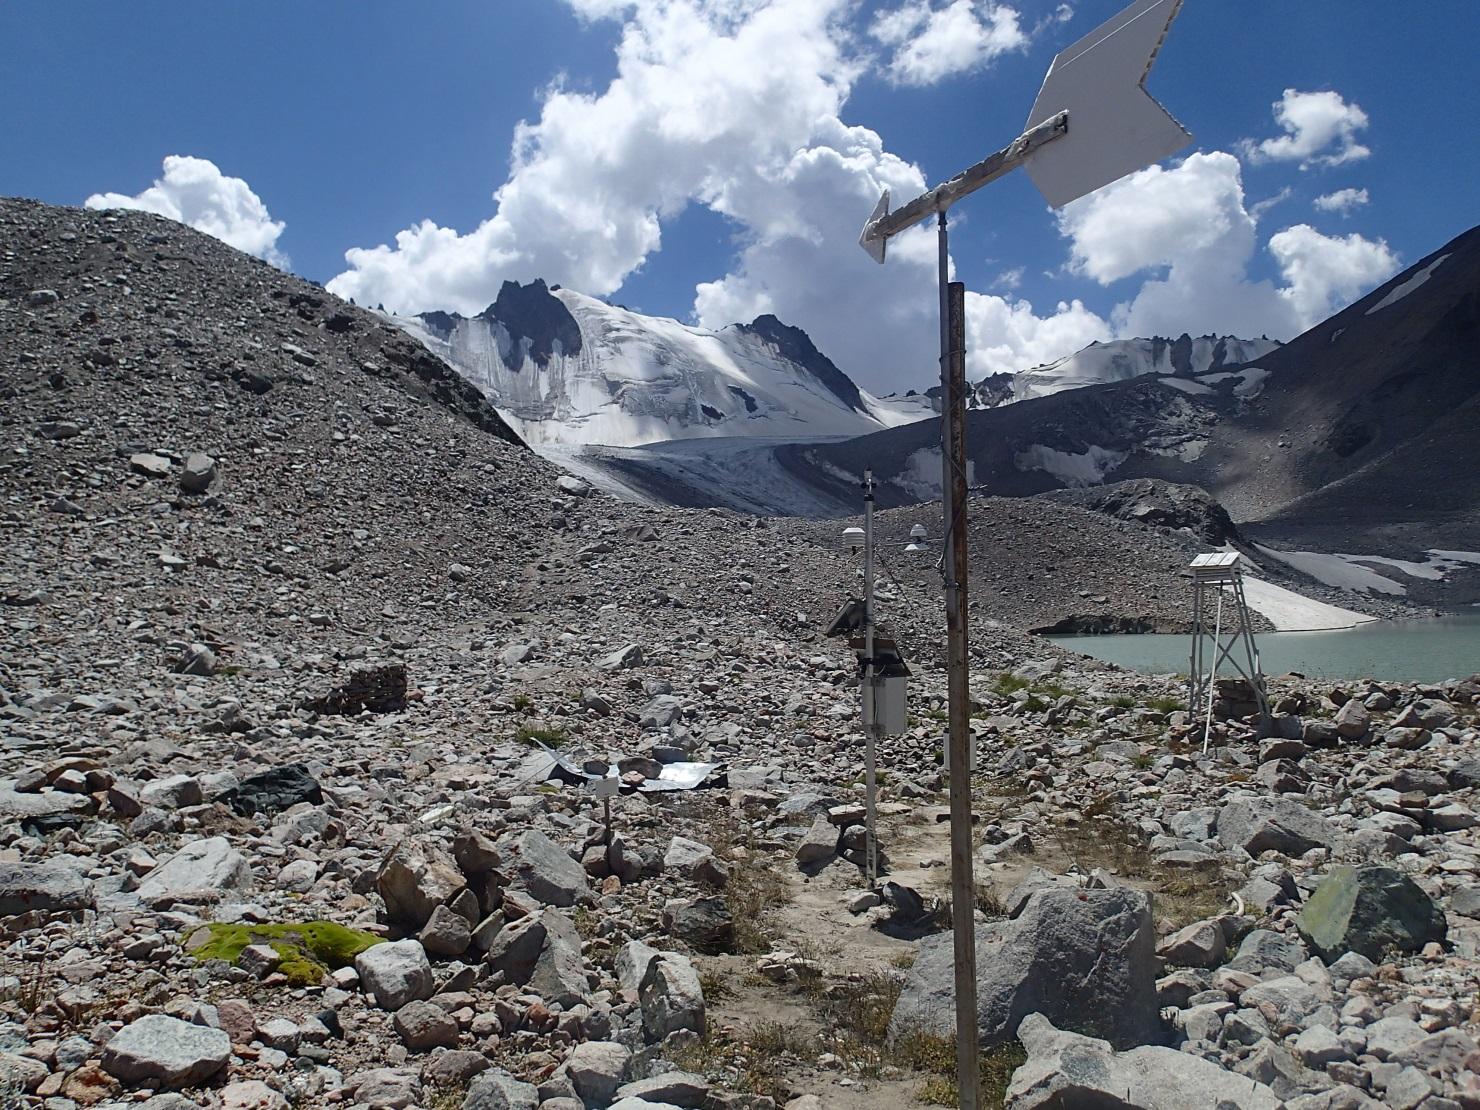 Glacier Kirghizstan Montagne Bichkek Environnement Réchauffement climatique